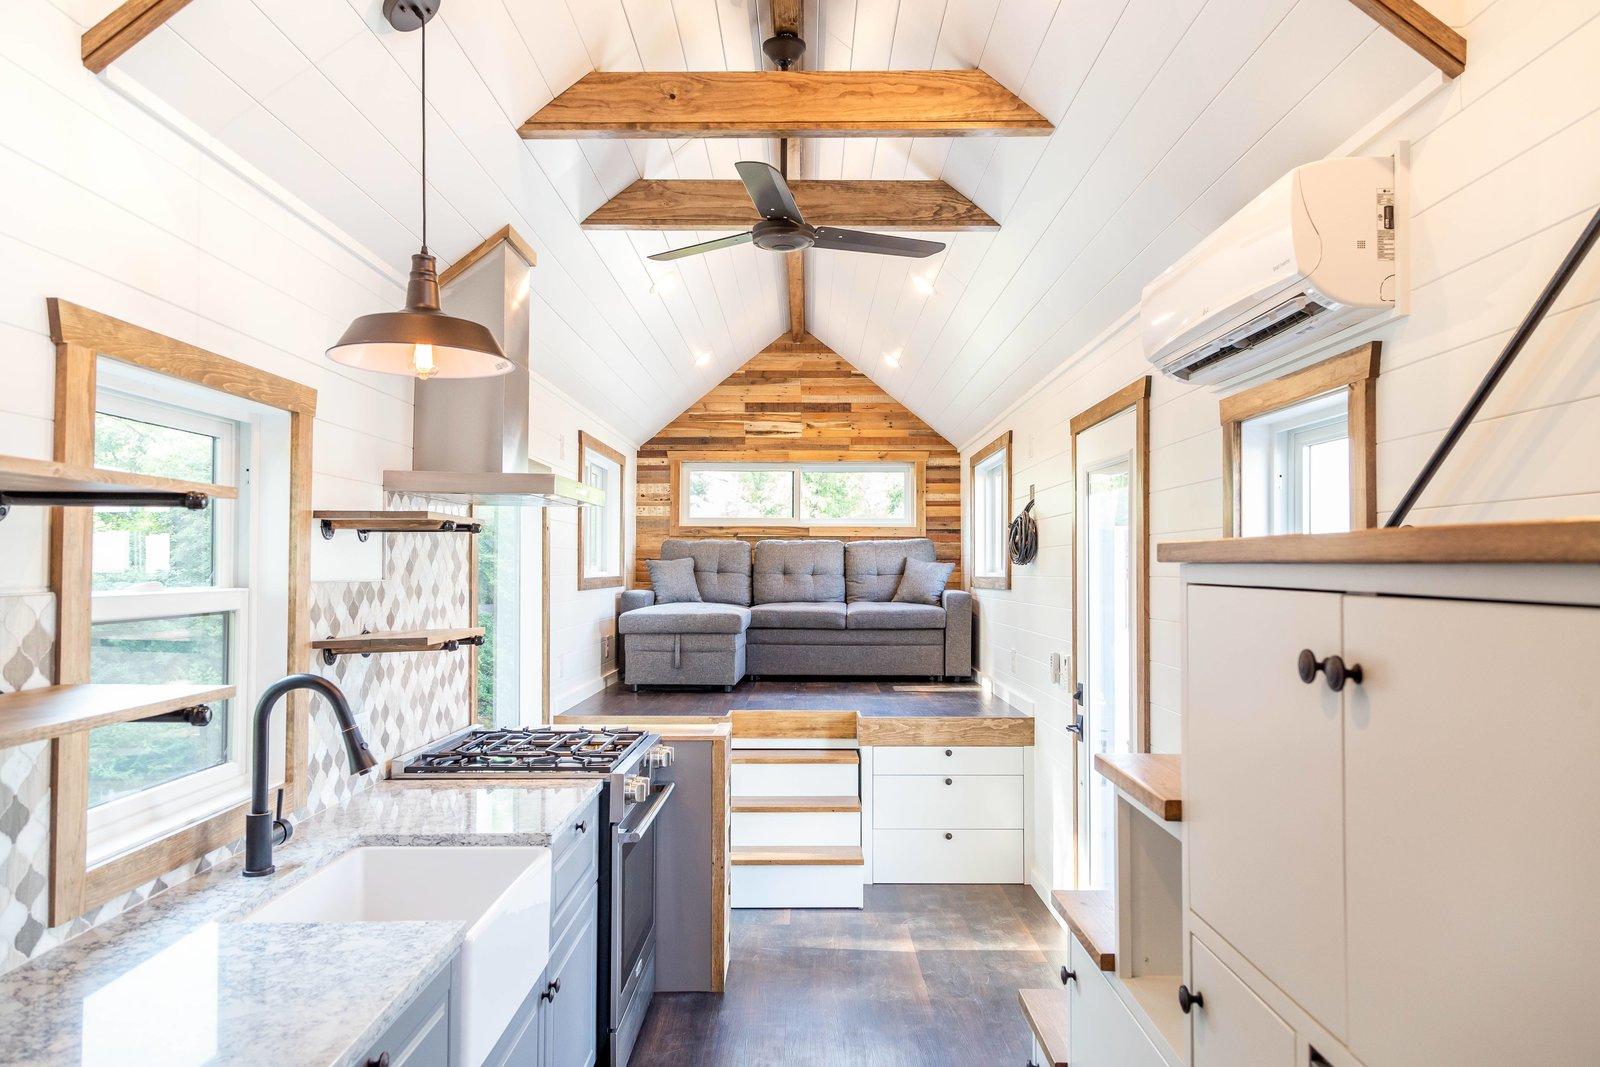 Liberation Tiny Homes Stoltzfus Farmhouse kitchen